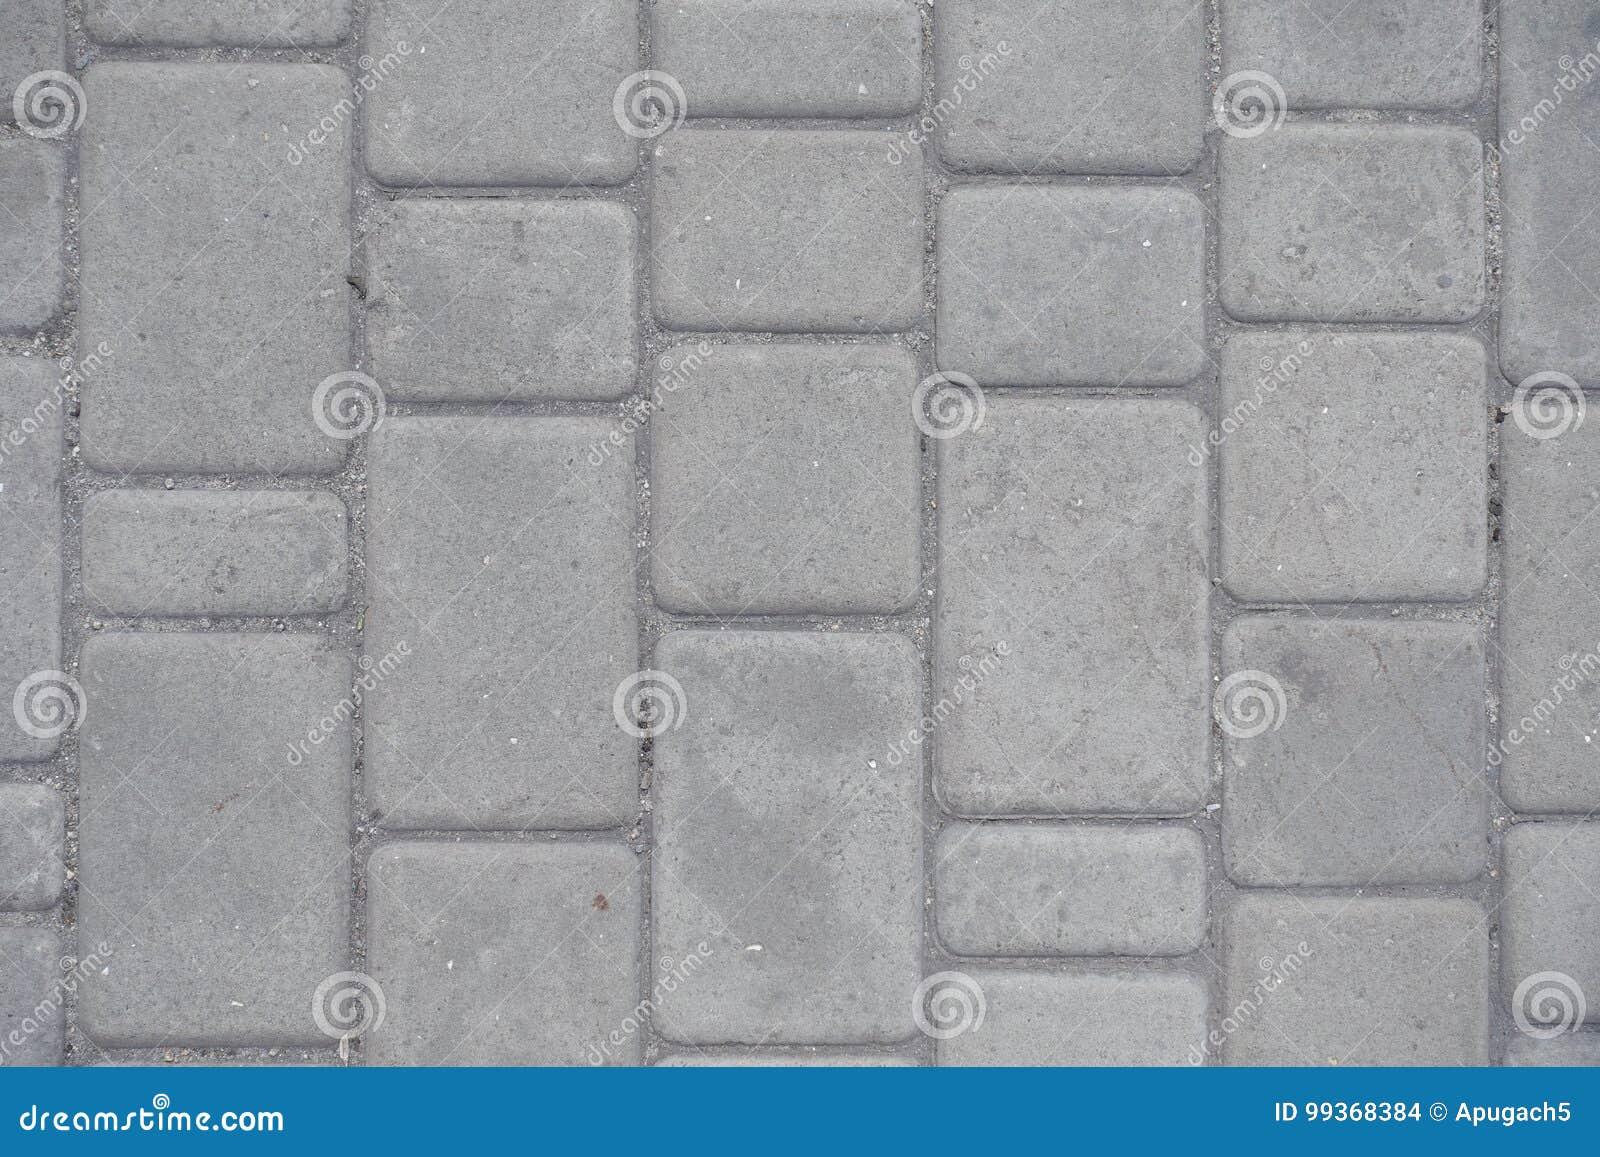 Stoffige grijze die bestrating van concrete blokken wordt gemaakt